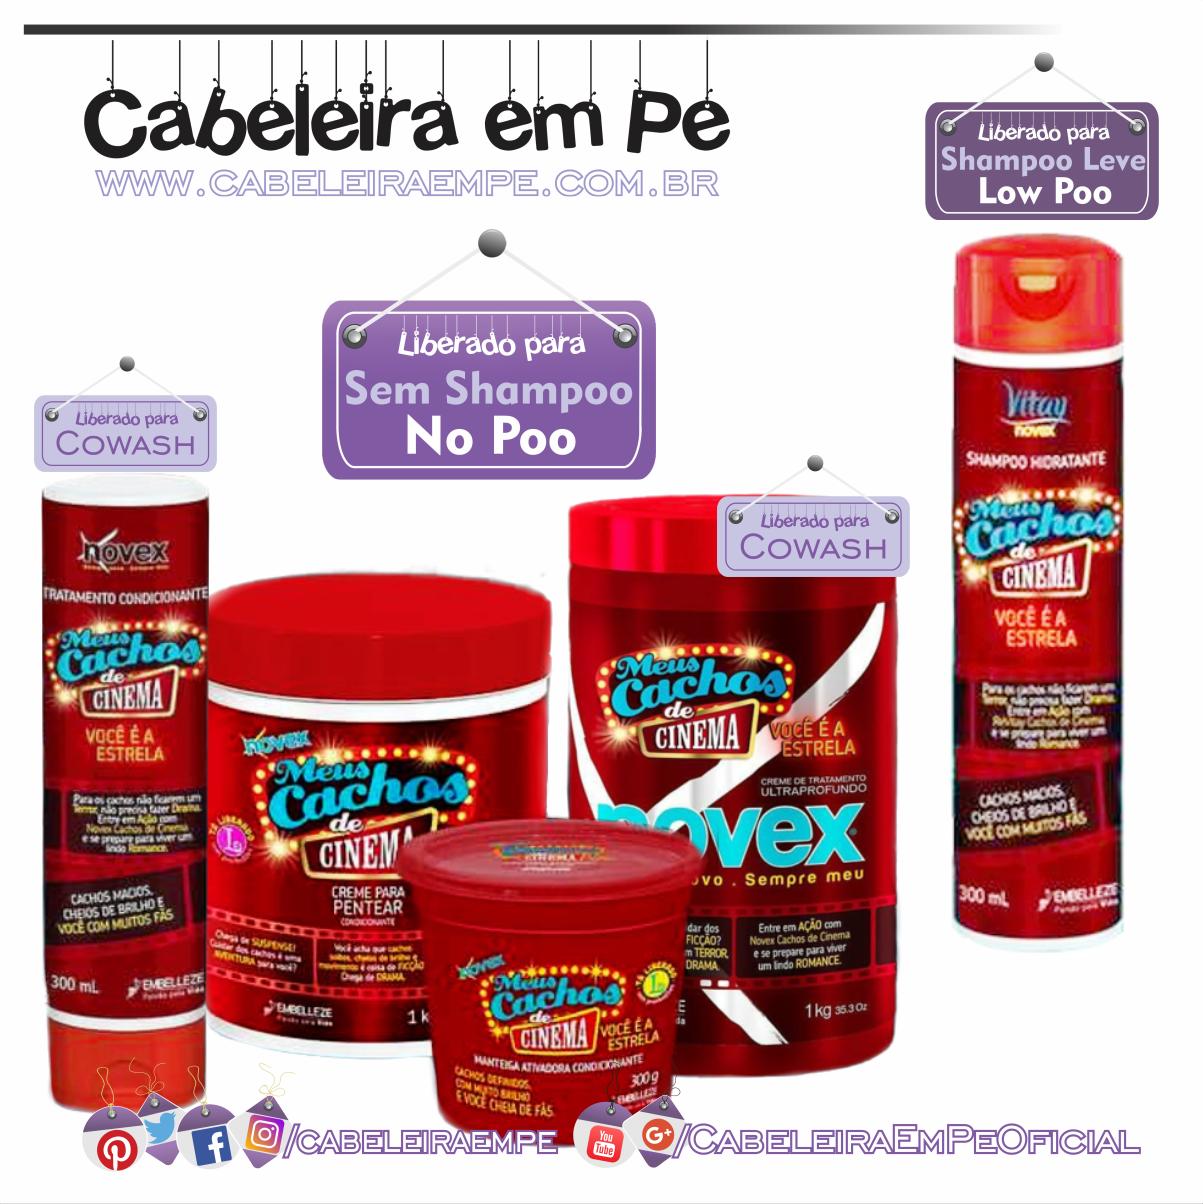 1a0f503fe Linha Cachos de Cinema - Novex (Embelleze) - Shampoo Liberado para Low Poo -